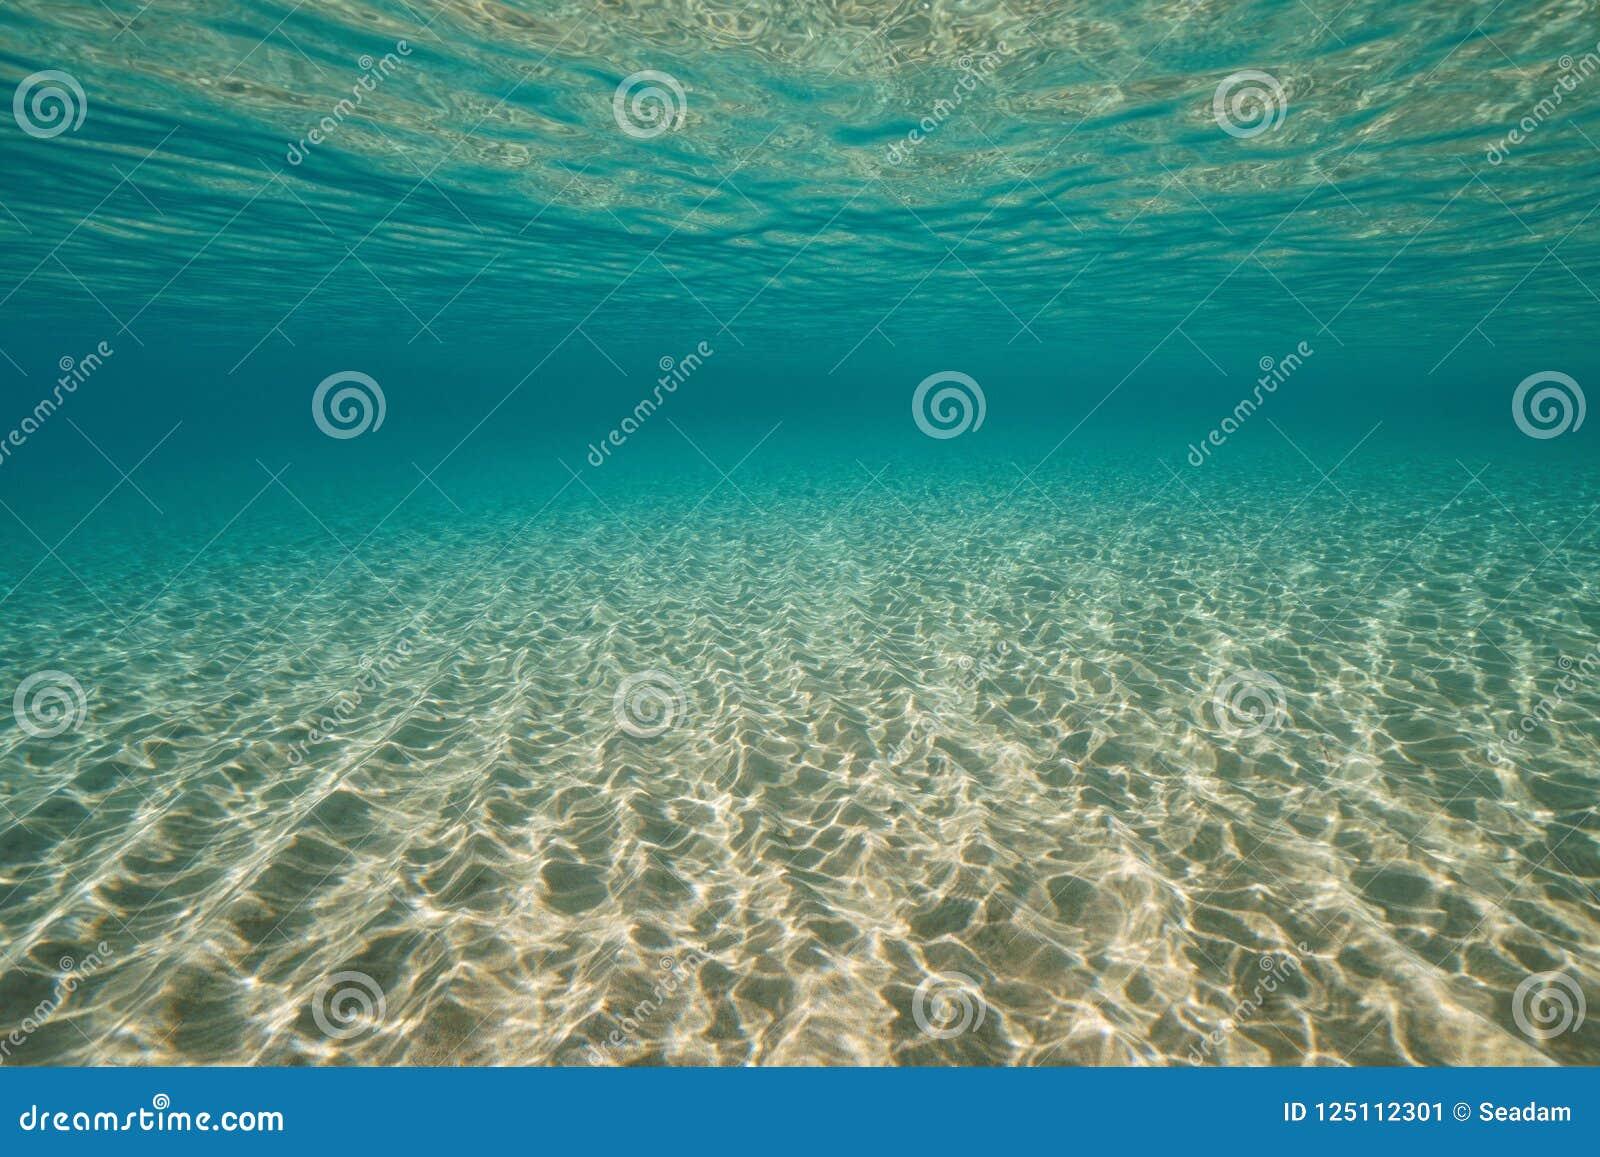 Zandige bodem en waterspiegel onderwateroverzees